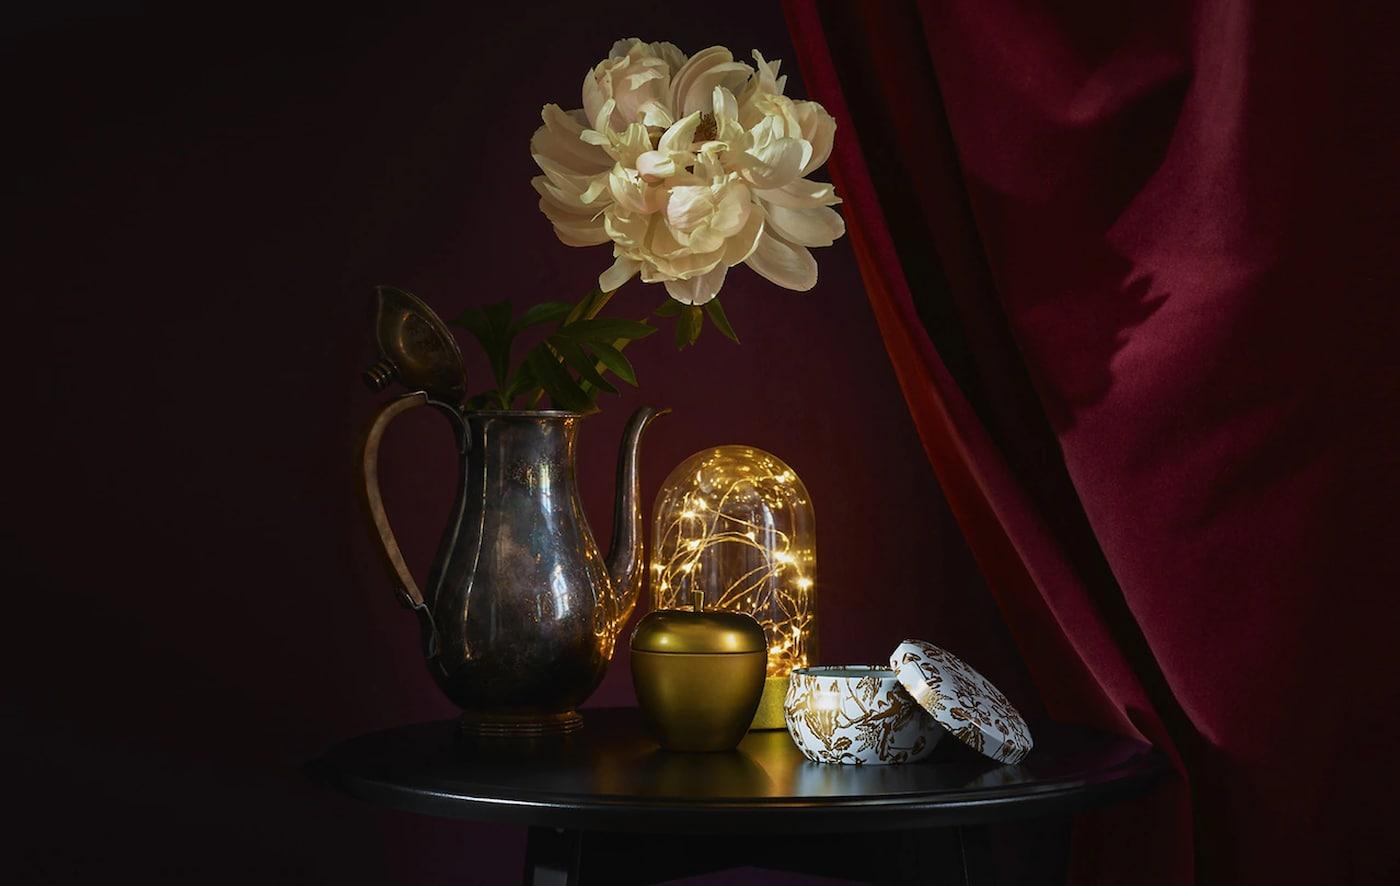 Accesorios dorados y luces en una mesa redonda contra un fondo rojo oscuro.